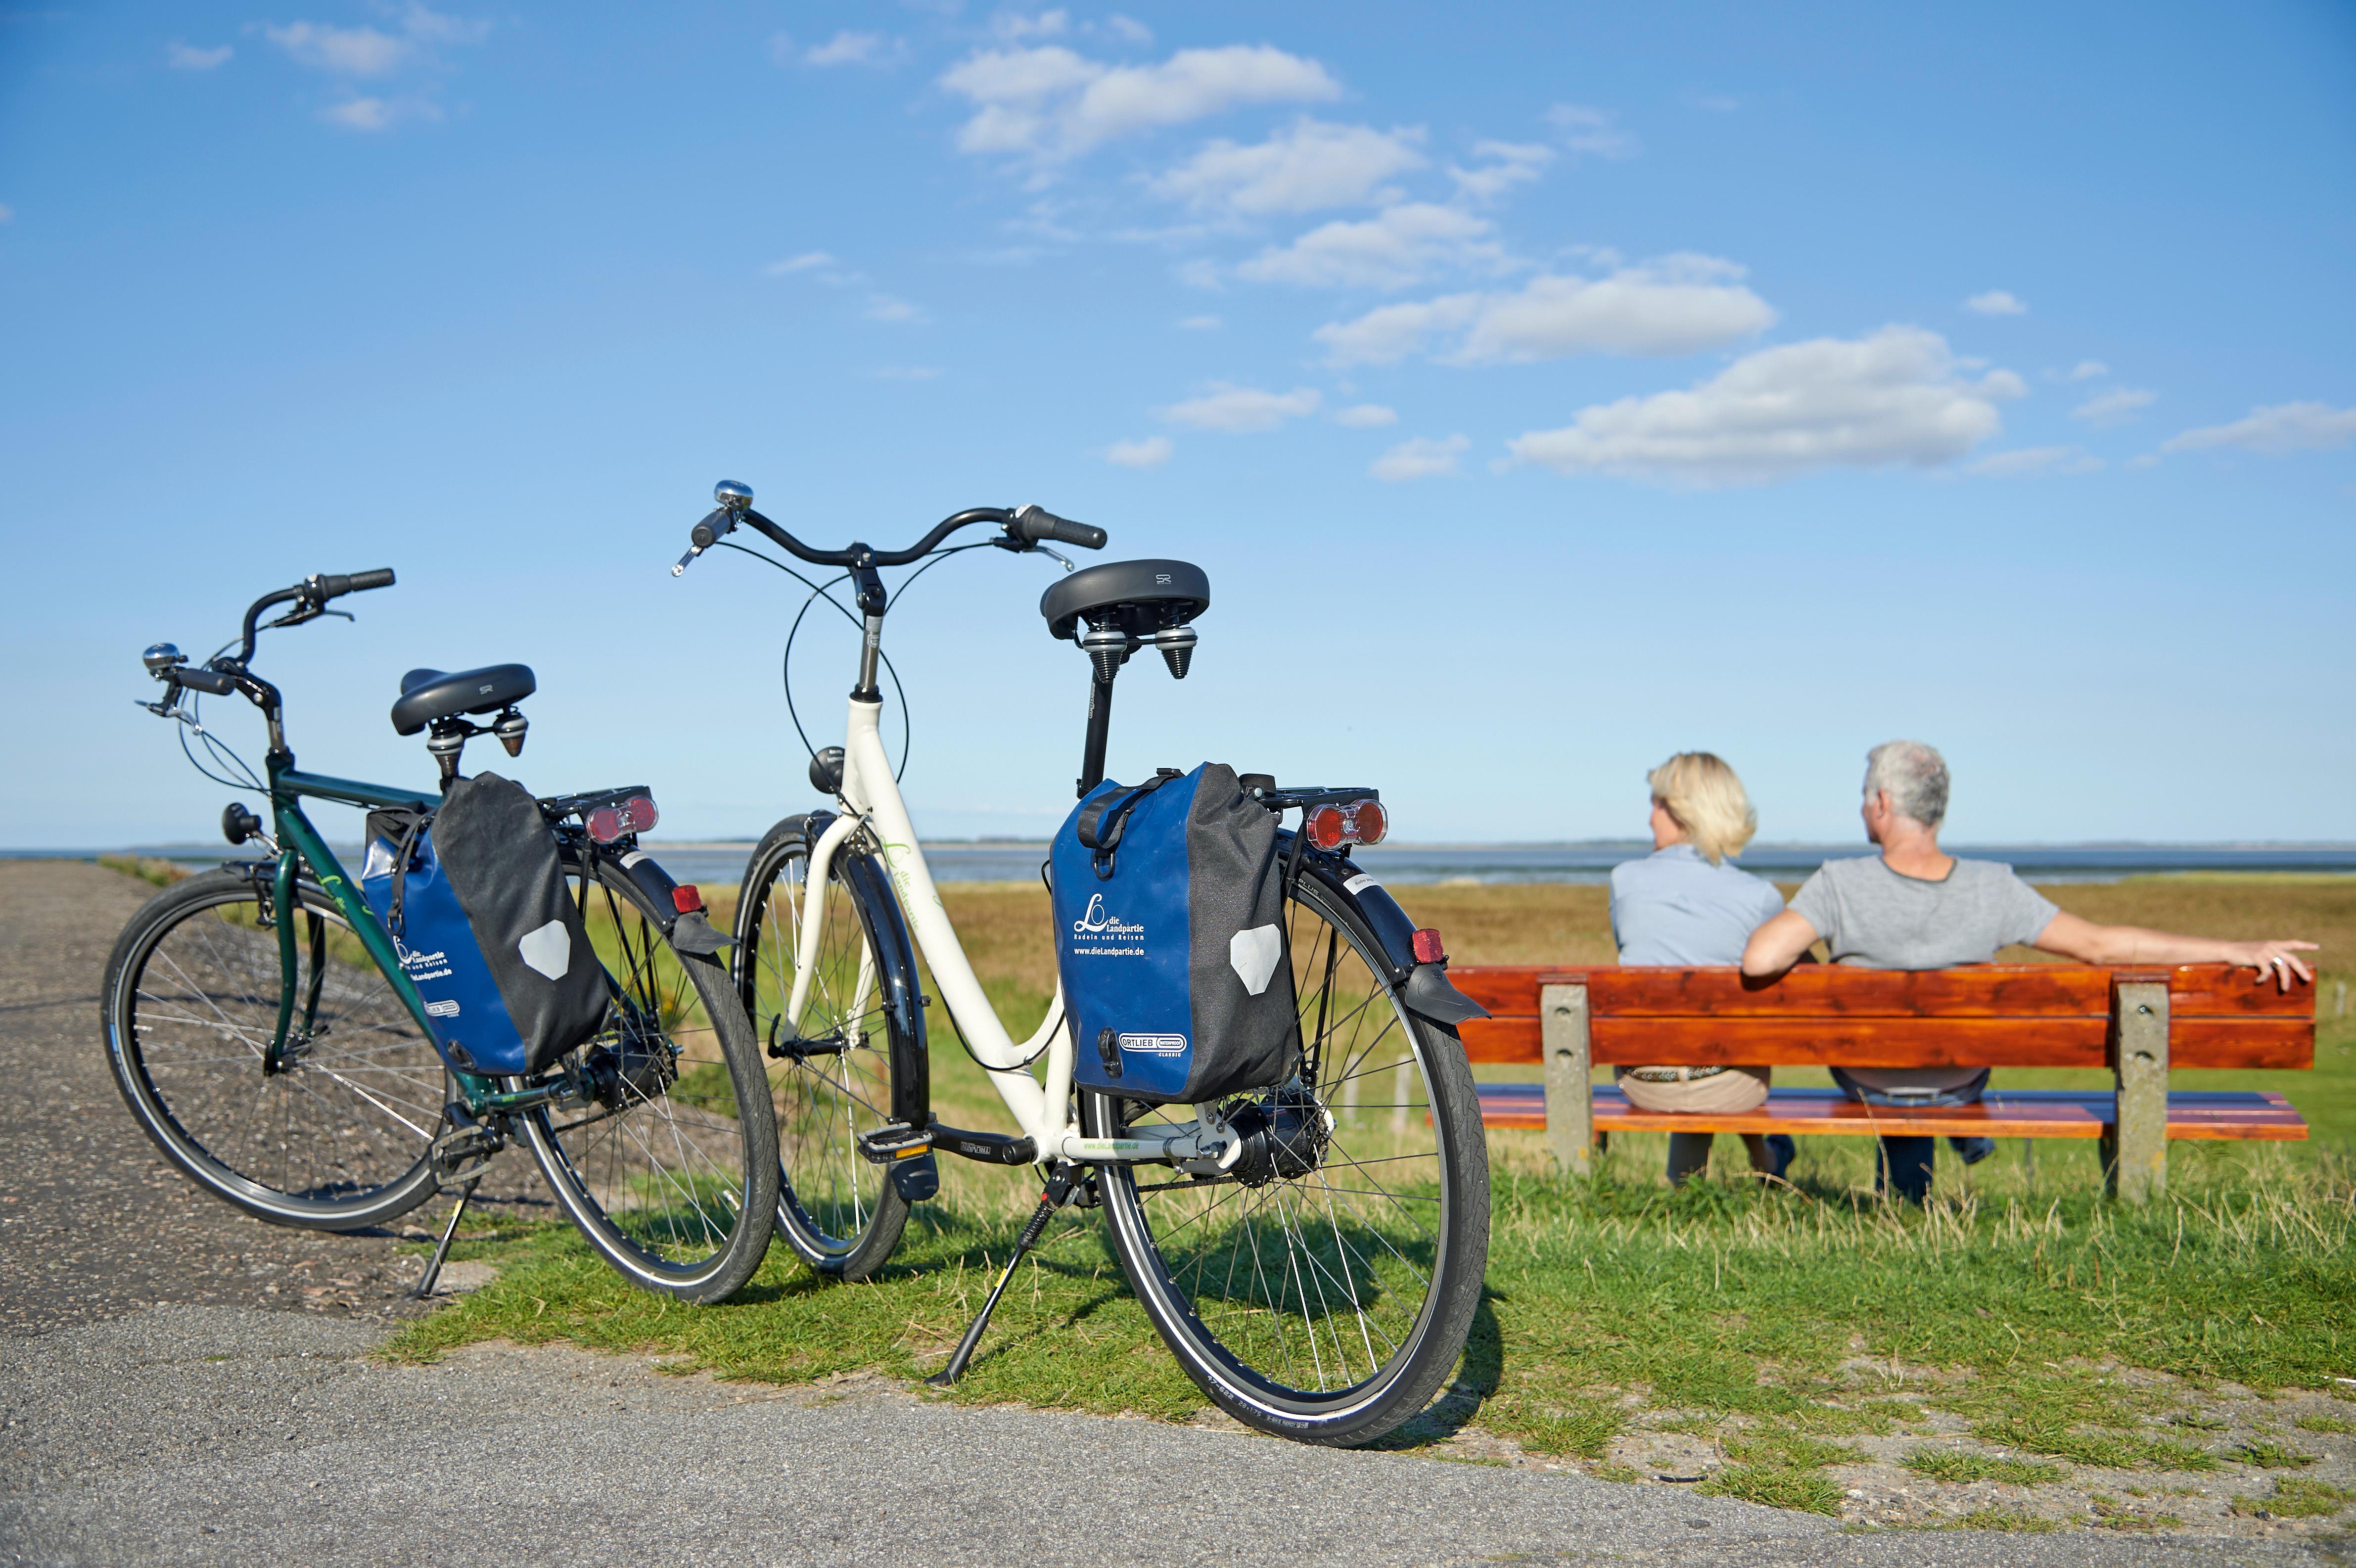 Inselradeln Nordfriesland mit der Landpartie Radeln und Reisen